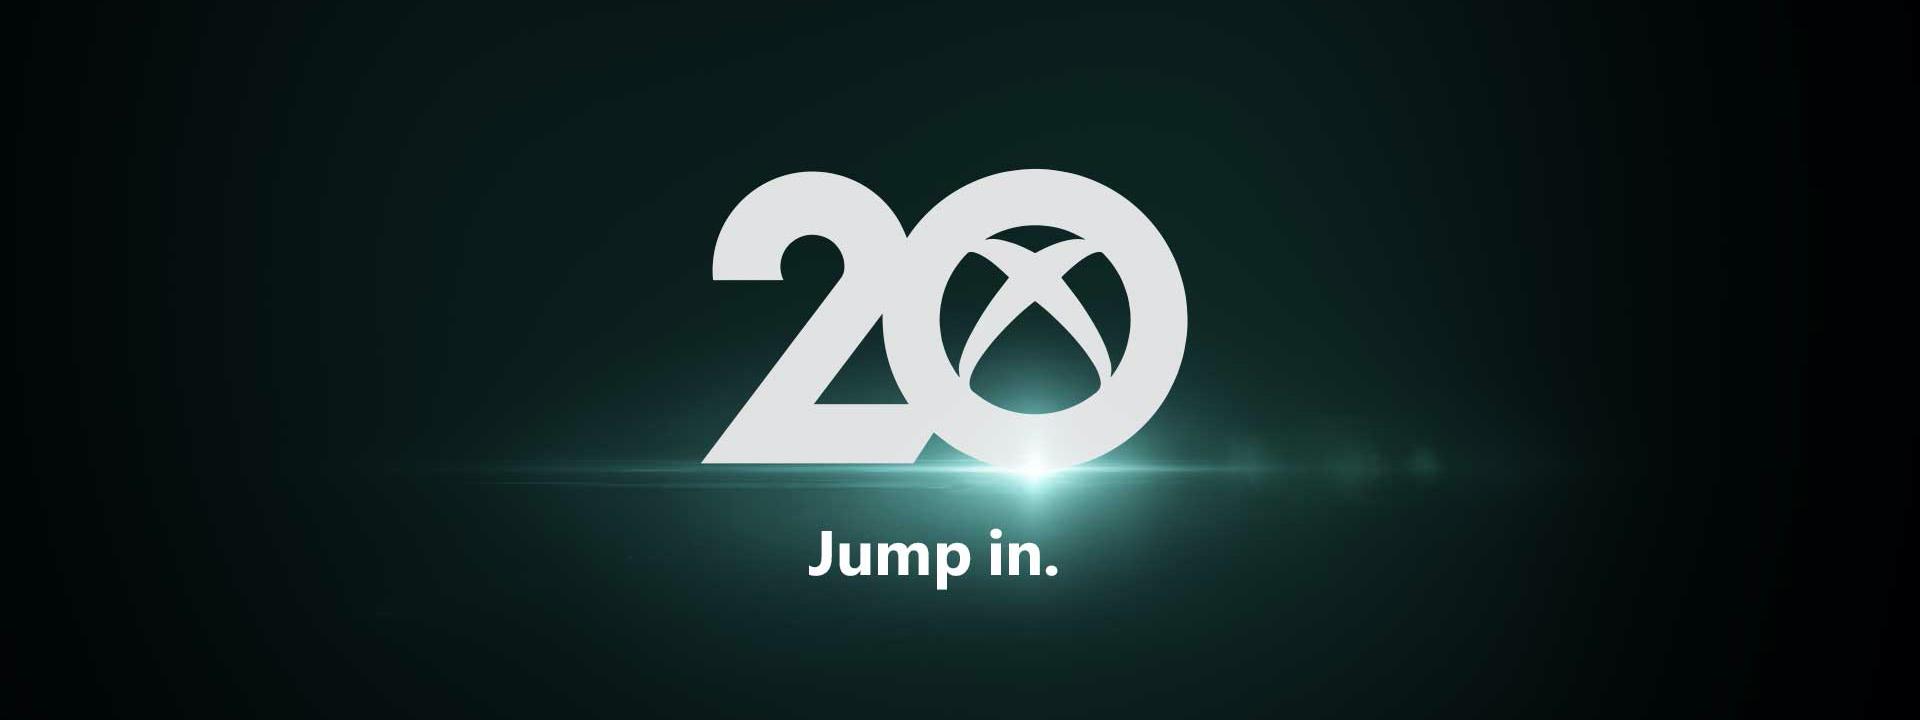 20 sayısında bulunan 0 rakamının içine gömülü Xbox bağlantı logosunun bulunduğu koyu yeşil arka plan. Alt kısımda jump in ifadesinin yer aldığı metin